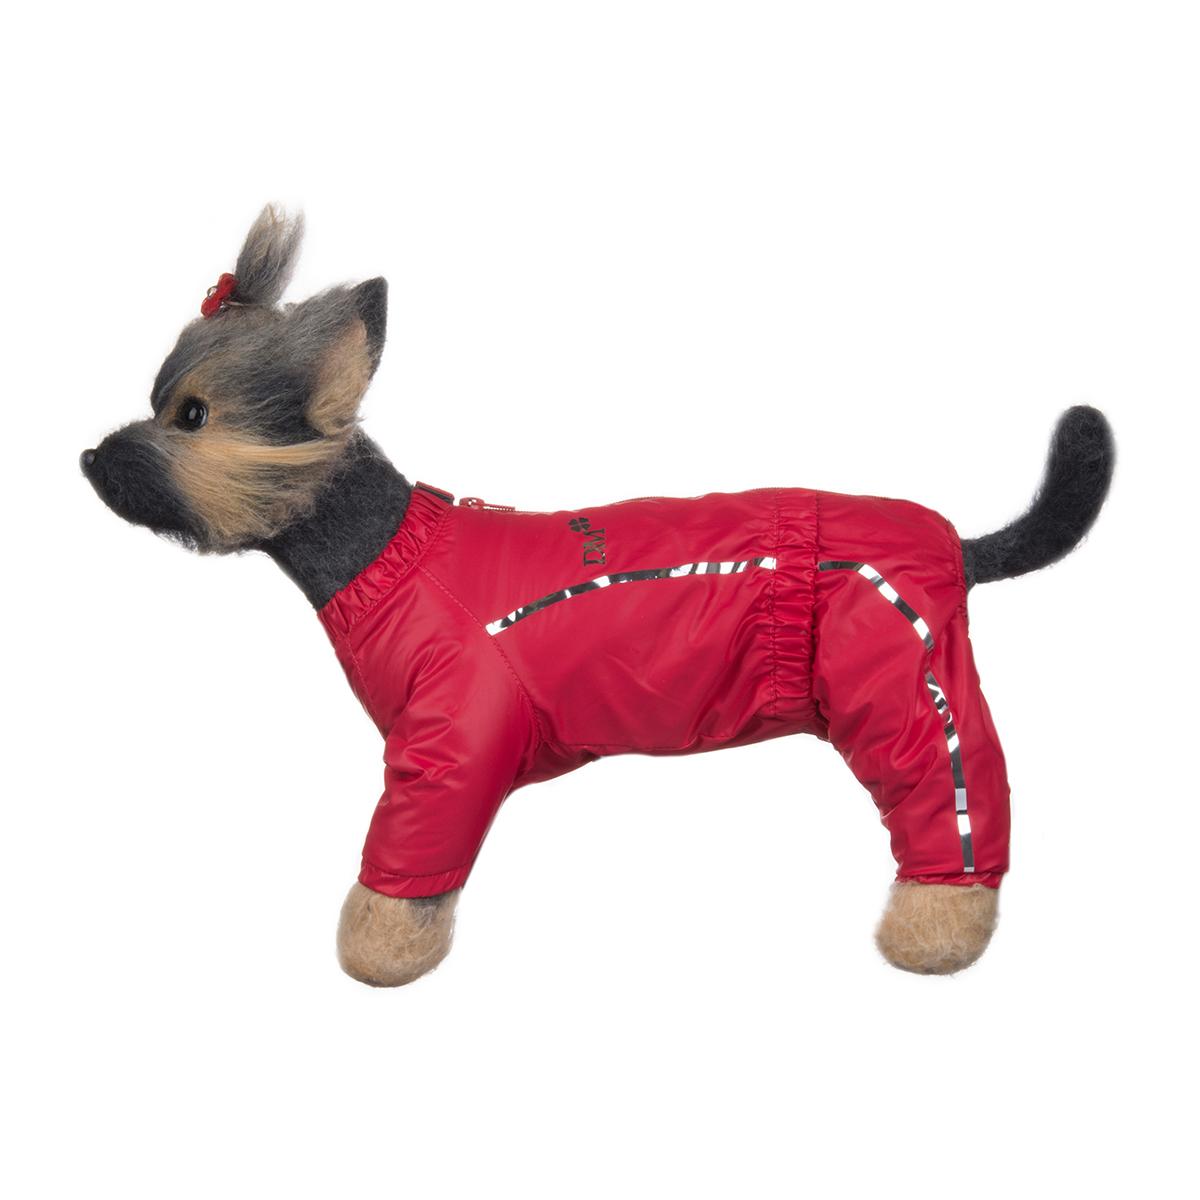 Комбинезон для собак Dogmoda Альпы, для девочки, цвет: фуксия. Размер 3 (L)DM-150327-3Комбинезон для собак Dogmoda Альпы отлично подойдет для прогулок поздней осенью или ранней весной. Комбинезон изготовлен из полиэстера, защищающего от ветра и осадков, с подкладкой из флиса, которая сохранит тепло и обеспечит отличный воздухообмен. Комбинезон застегивается на молнию и липучку, благодаря чему его легко надевать и снимать. Ворот, низ рукавов и брючин оснащены внутренними резинками, которые мягко обхватывают шею и лапки, не позволяя просачиваться холодному воздуху. На пояснице имеется внутренняя резинка. Изделие декорировано серебристыми полосками и надписью DM. Благодаря такому комбинезону простуда не грозит вашему питомцу и он не даст любимцу продрогнуть на прогулке.